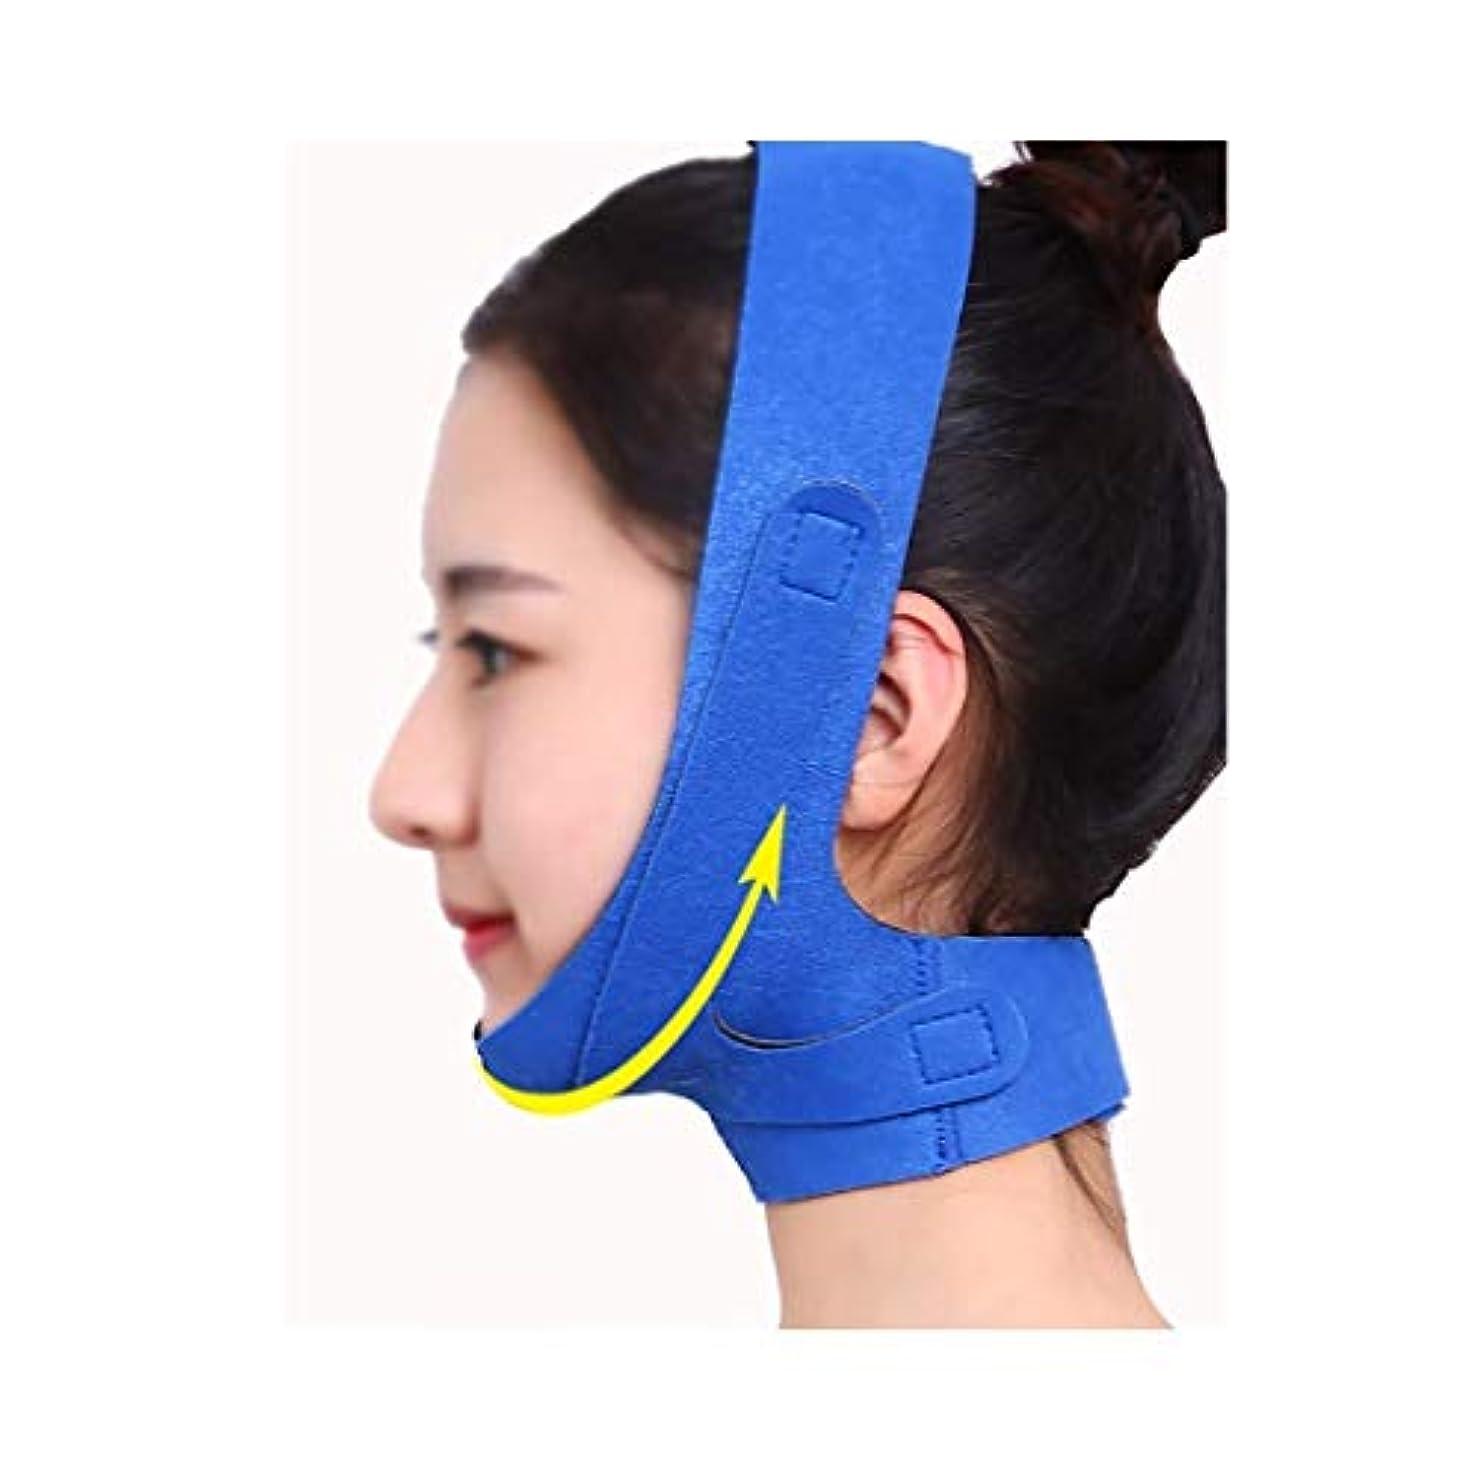 マルクス主義者いつでも周波数フェイスリフトマスク、あごストラップ回復包帯睡眠薄いフェイスバンデージ薄いフェイスマスクフェイスリフトアーティファクトフェイスリフト美容マスク包帯青いフェイスマスクで小さなV顔を強化するには